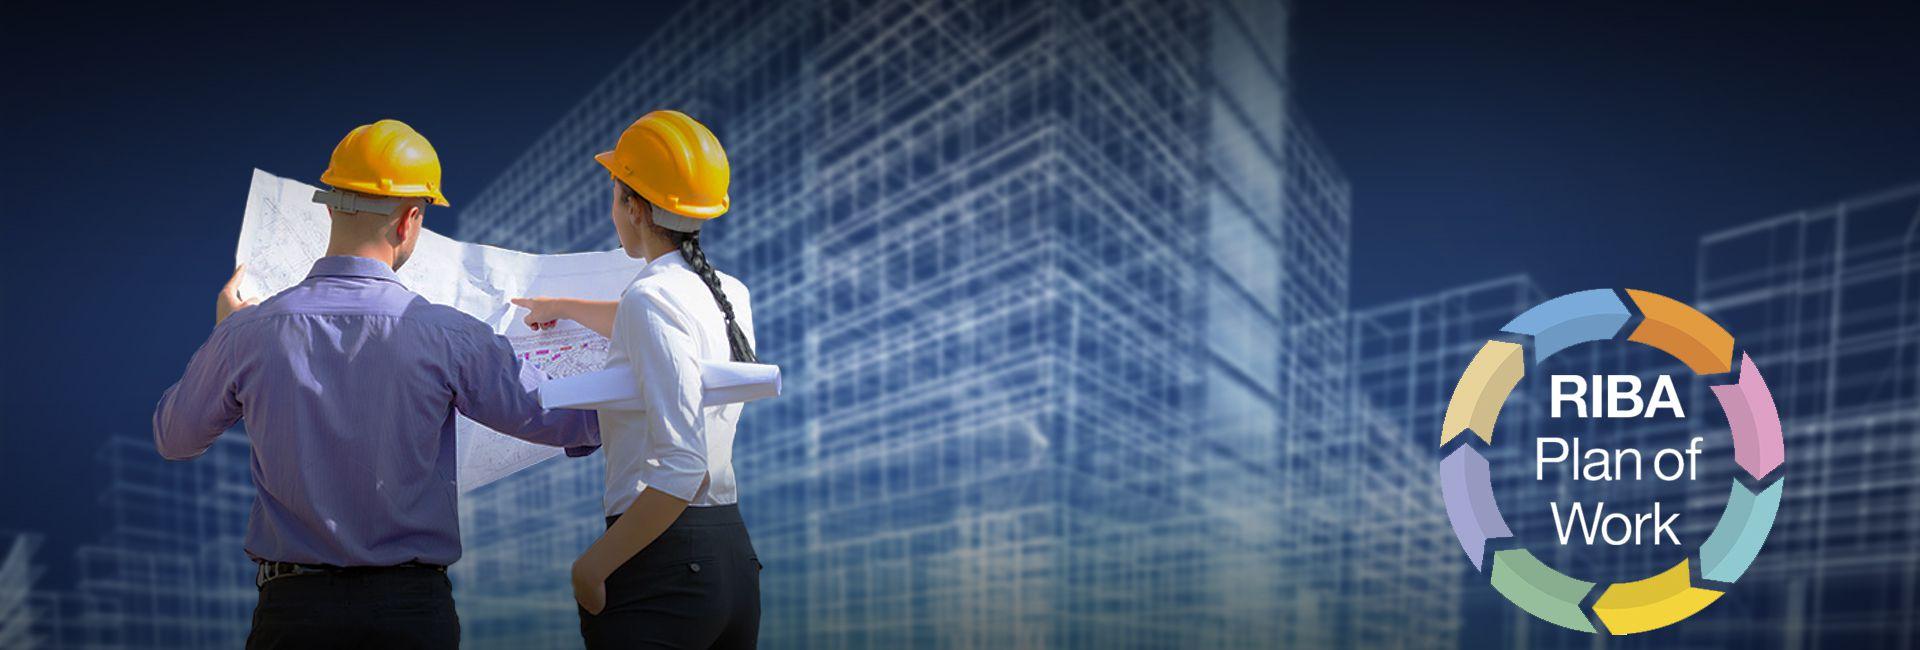 Projektų valdymas, Synergy Solutions, BIM projektavimas, projektu valdymas, energinio naudingumo projektavimas